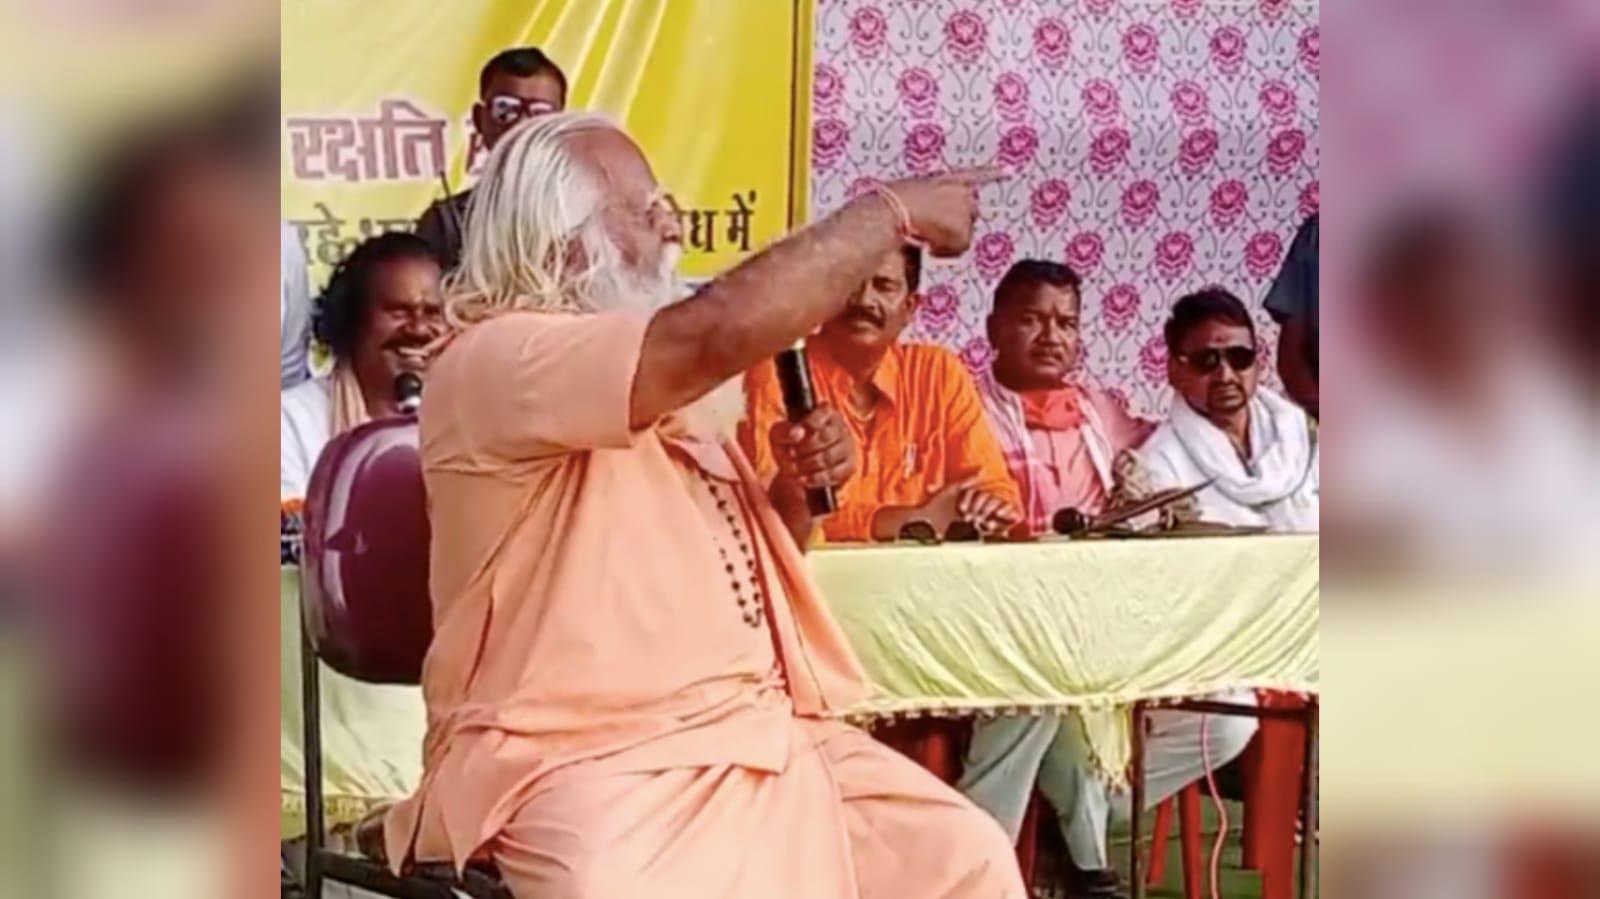 Sacerdote hindu pede a decapitação de cristãos durante protesto na Índia